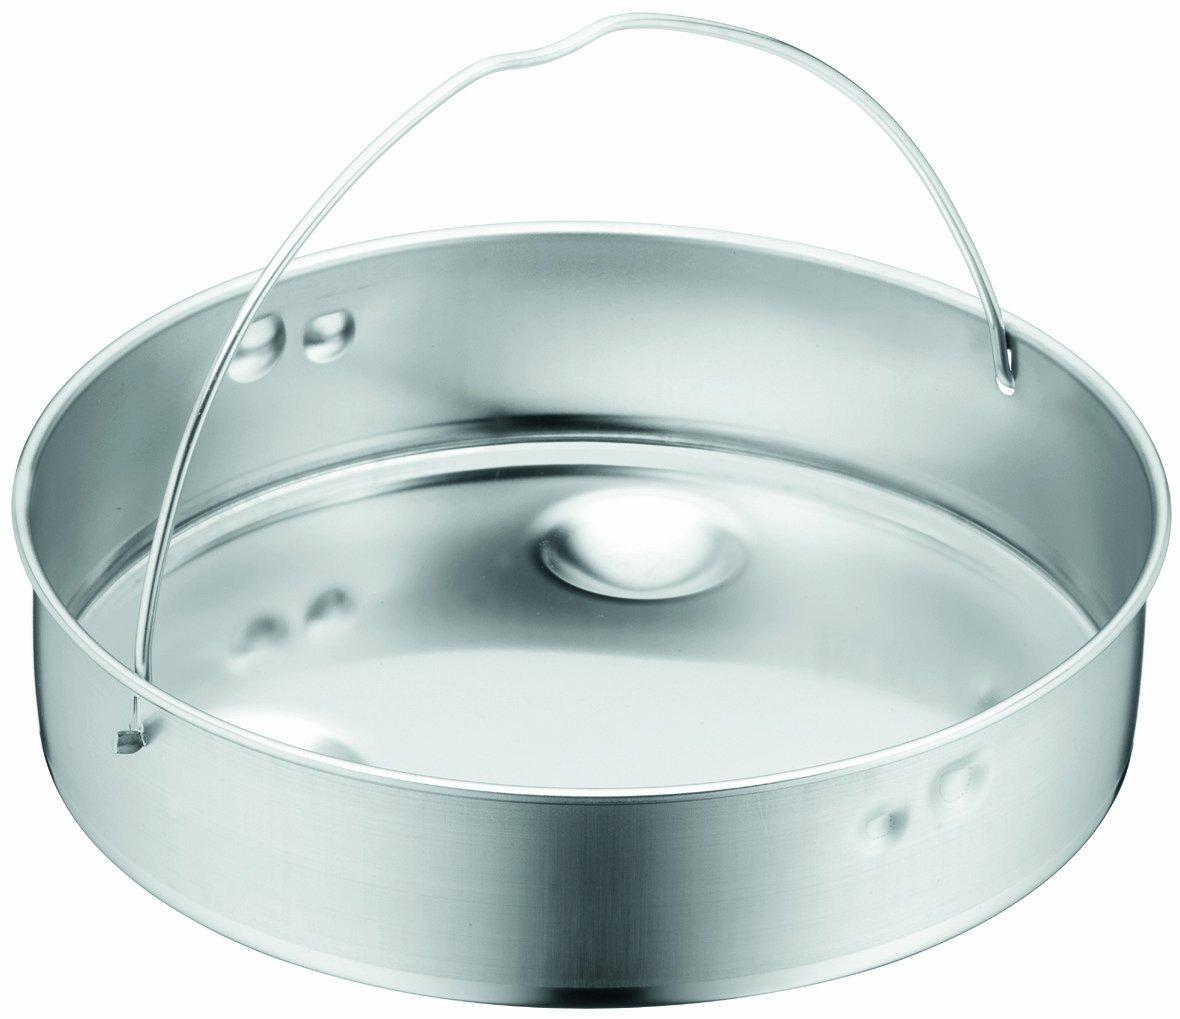 WMF Perfect Plus Solid Insert for 4-1/2-Quart, 6-1/2-Quart, 8-1/2-Quart Pressure Cookers